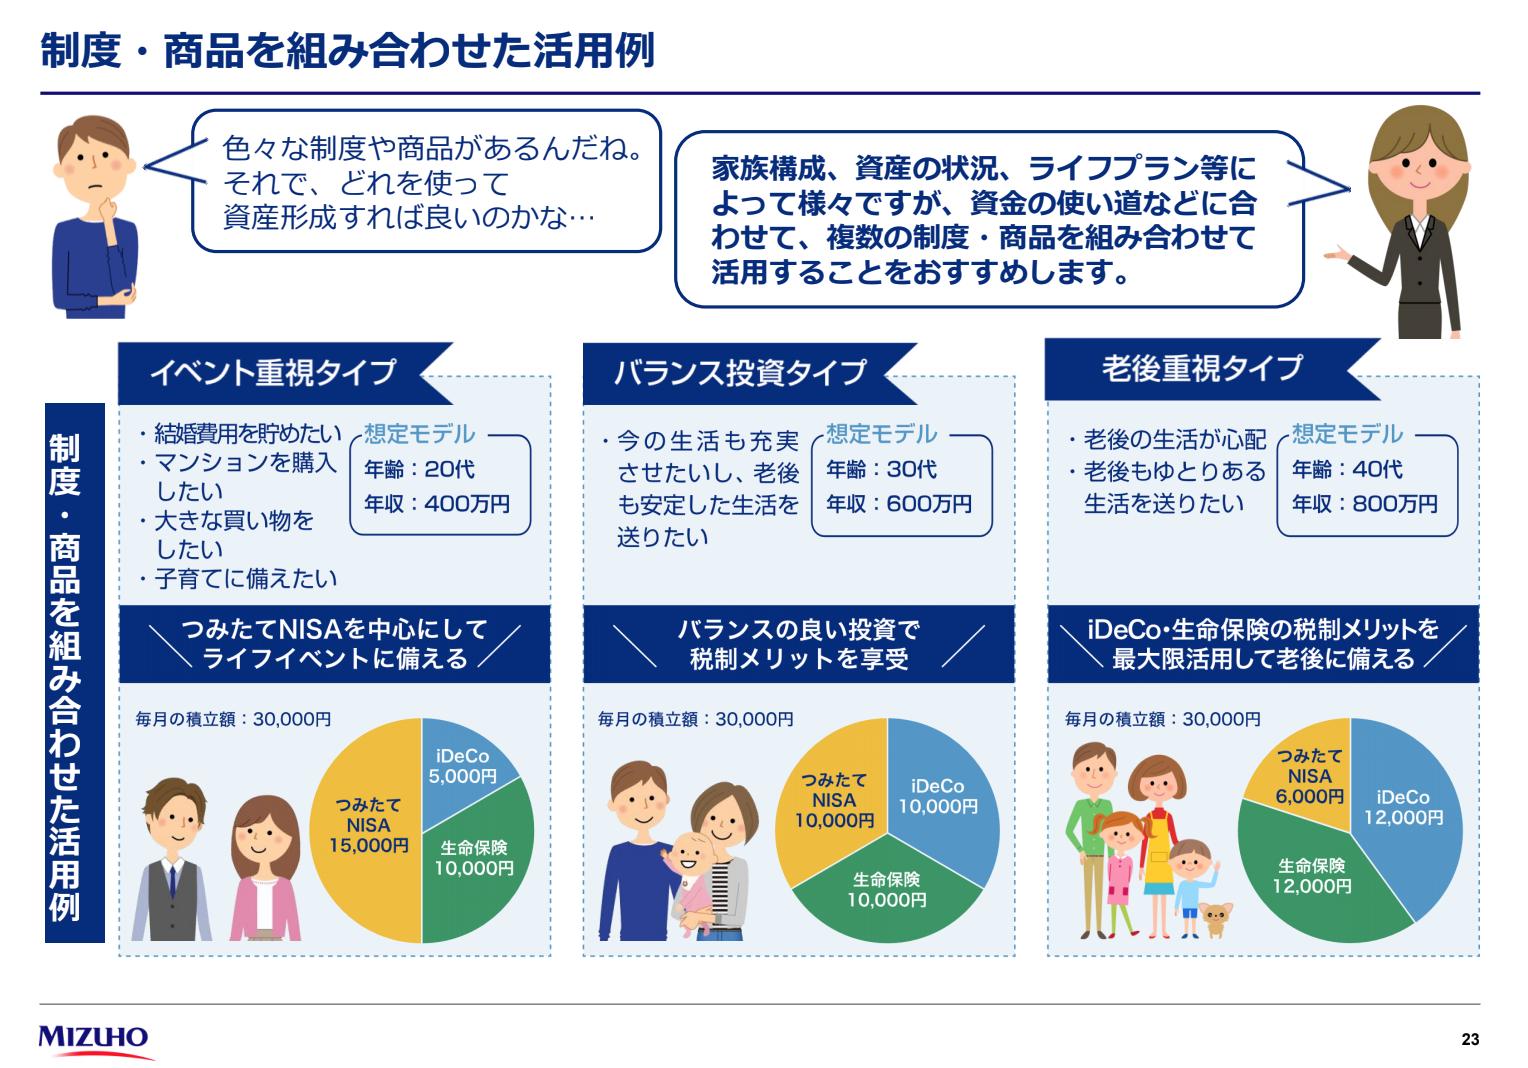 ライフプランごとのiDeCo・NISA・生命保険の組み合わせ例